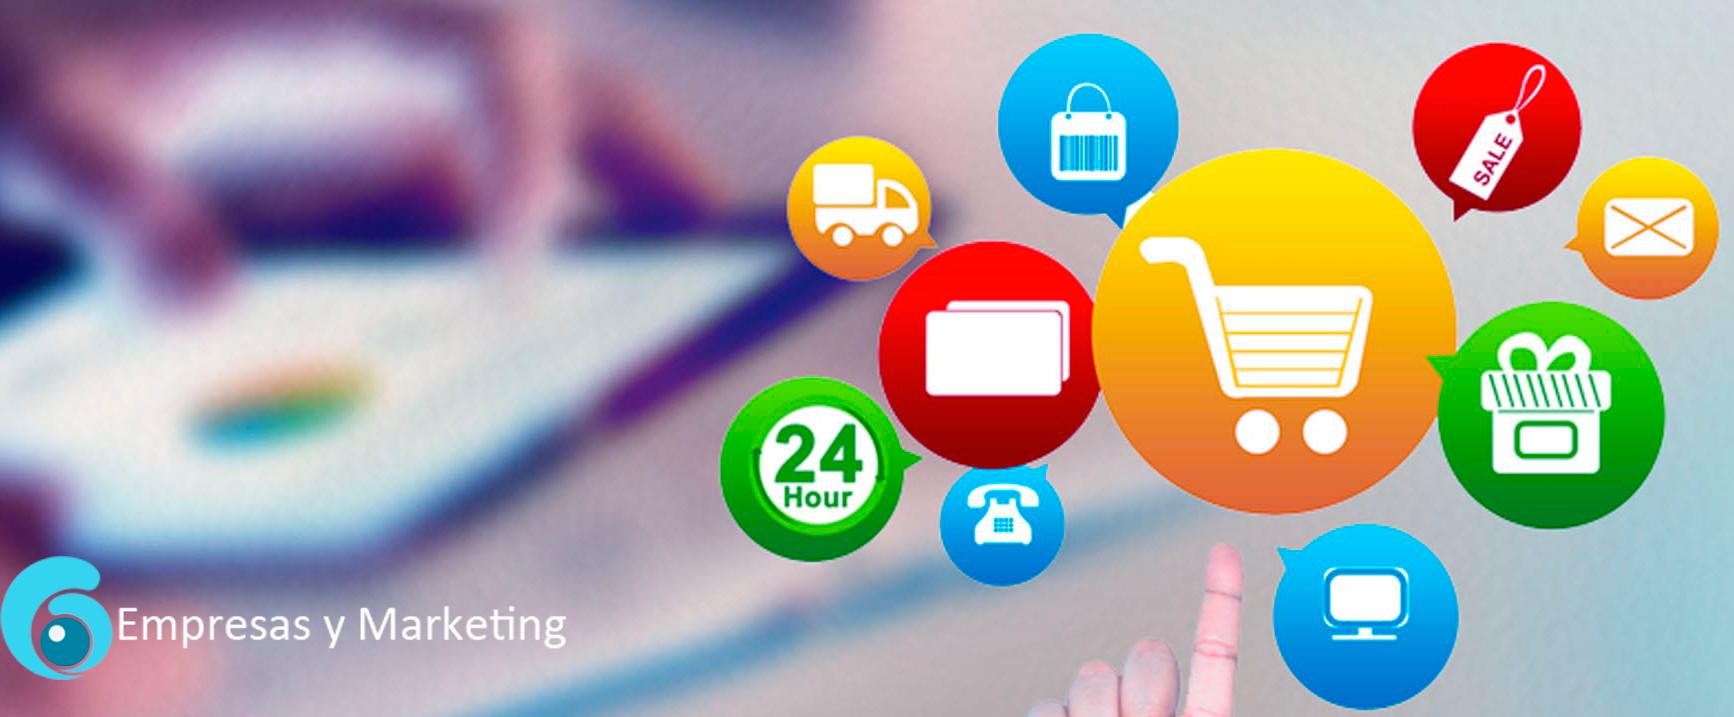 Razones por las que zentrada es líder como plataforma de venta B2B